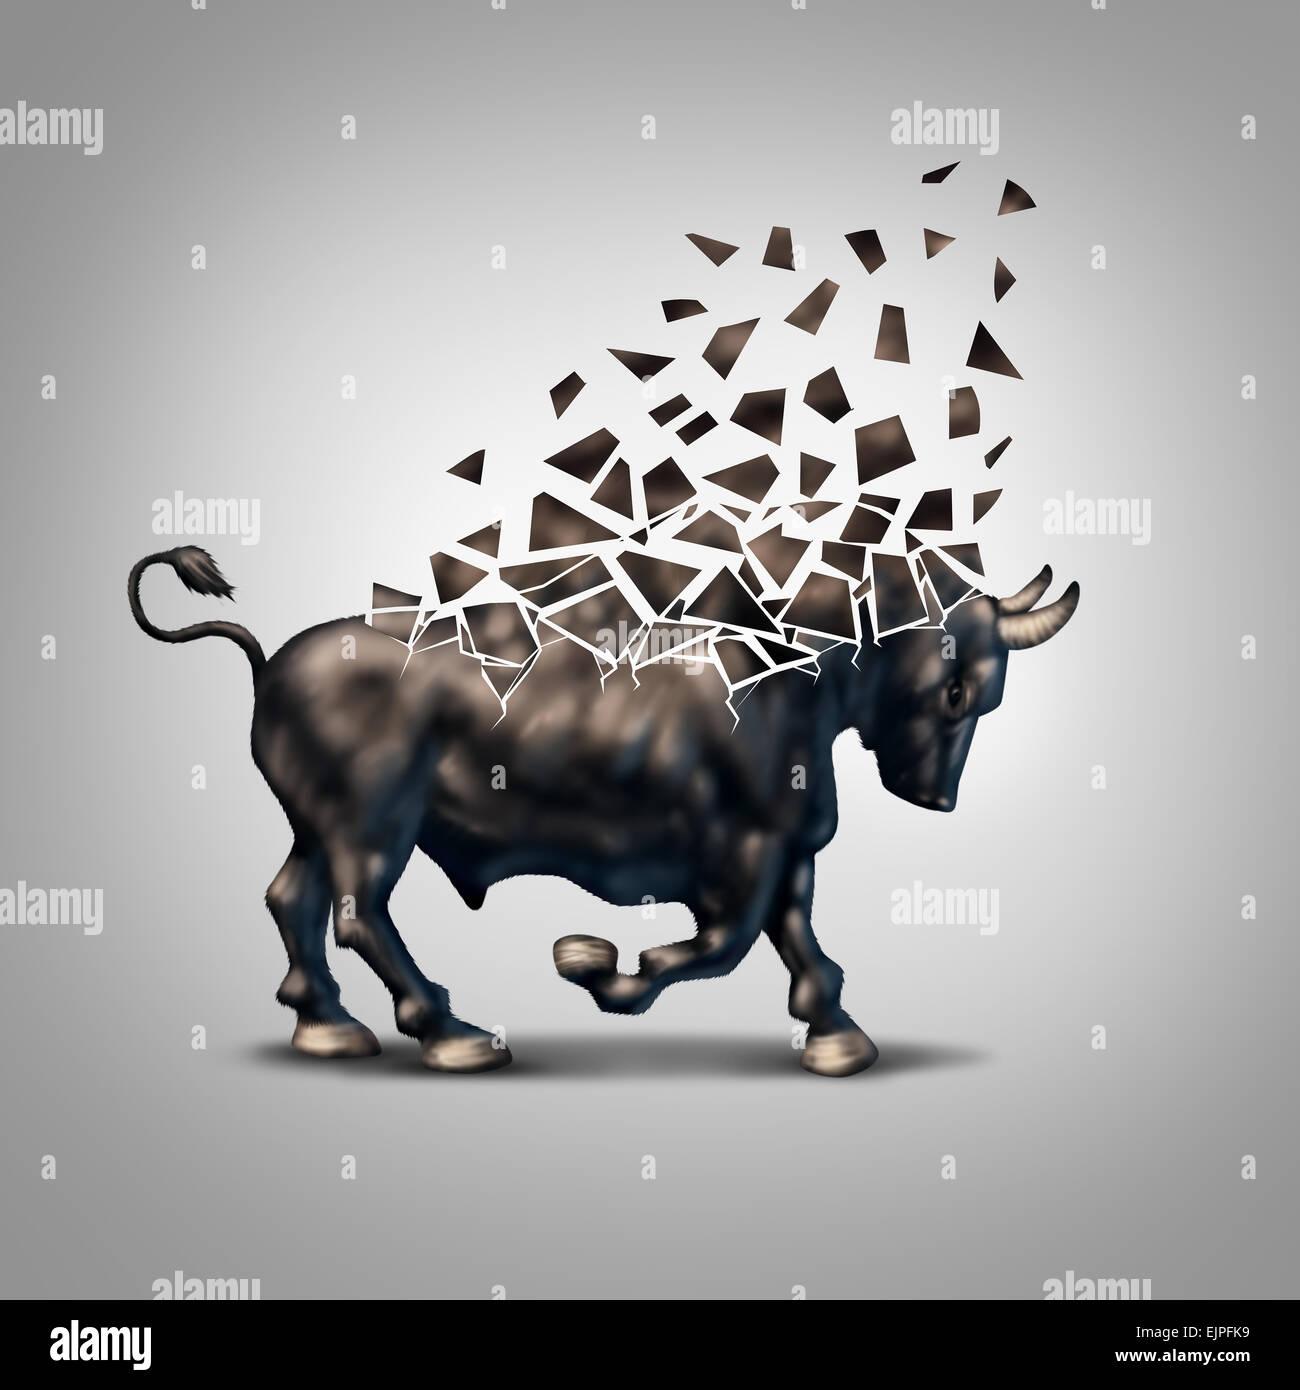 Fragile Bull Markt Finanzkrise Konzept als eine wirtschaftliche Symbol für eine bröckelnde positive Prognose Stockbild